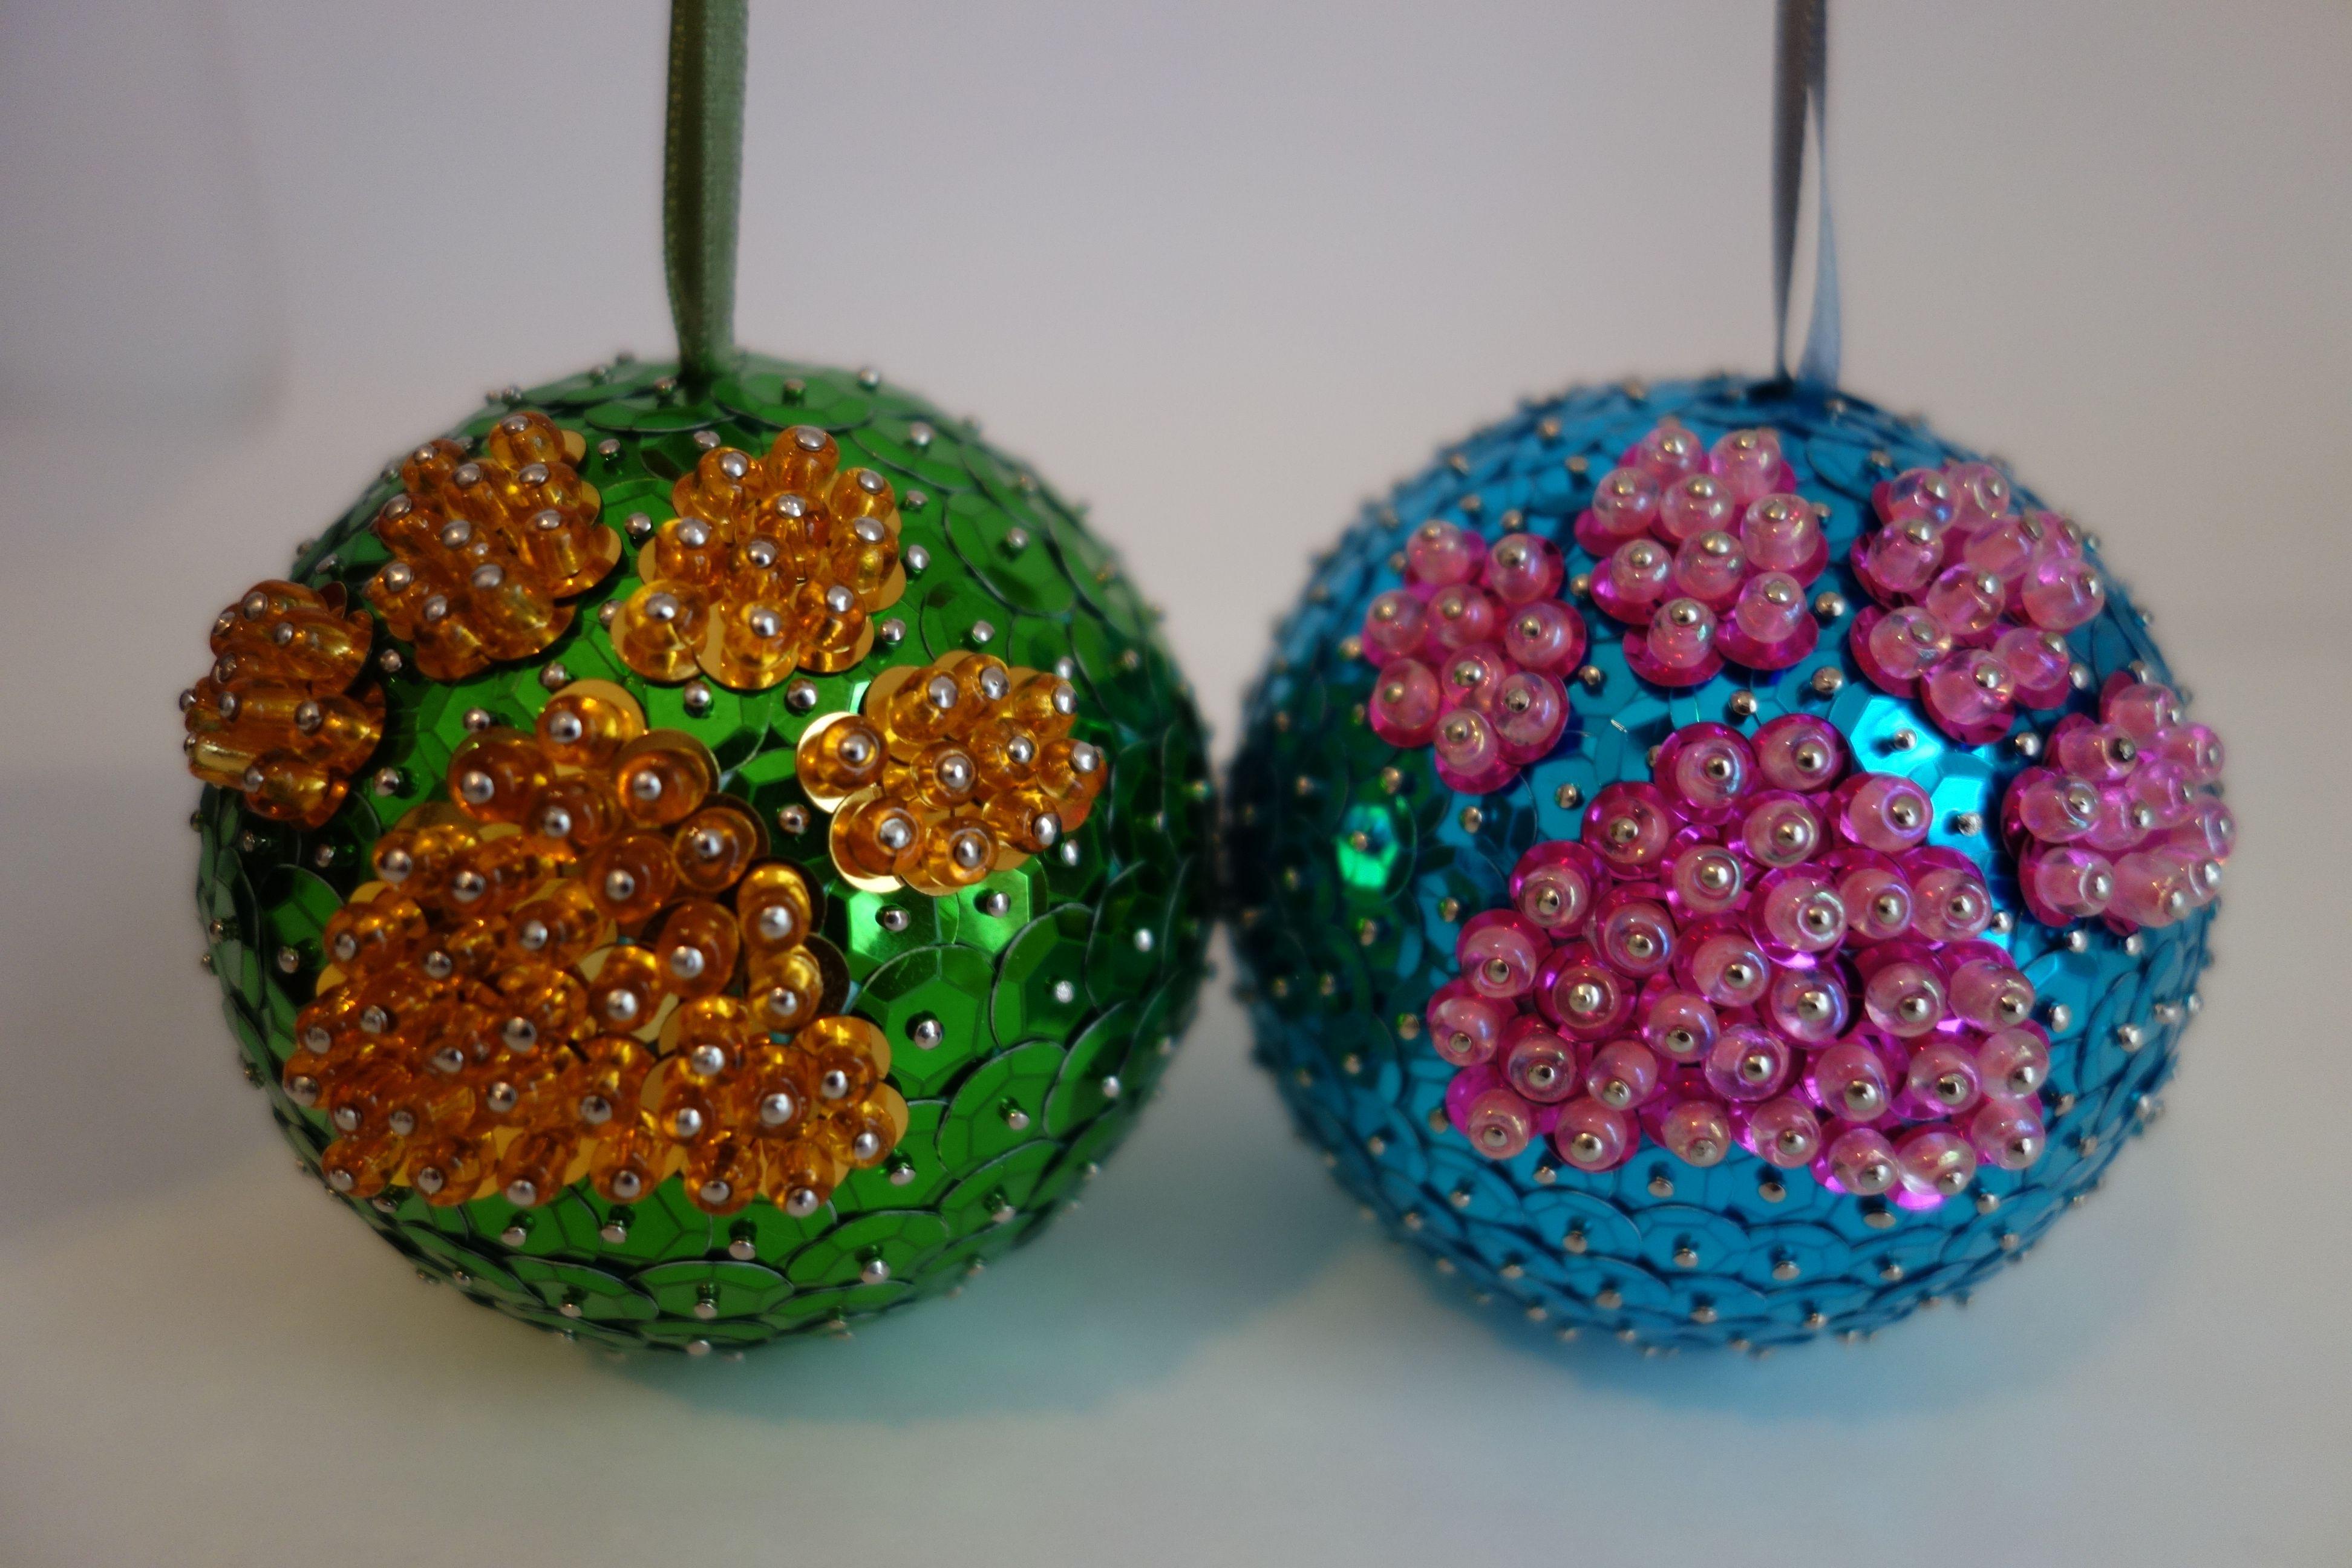 Dog Paw Balls Made Of Sequins And Beads Homemade Christmas Ornaments Diy Handmade Christmas Ornaments Christmas Ornaments Homemade